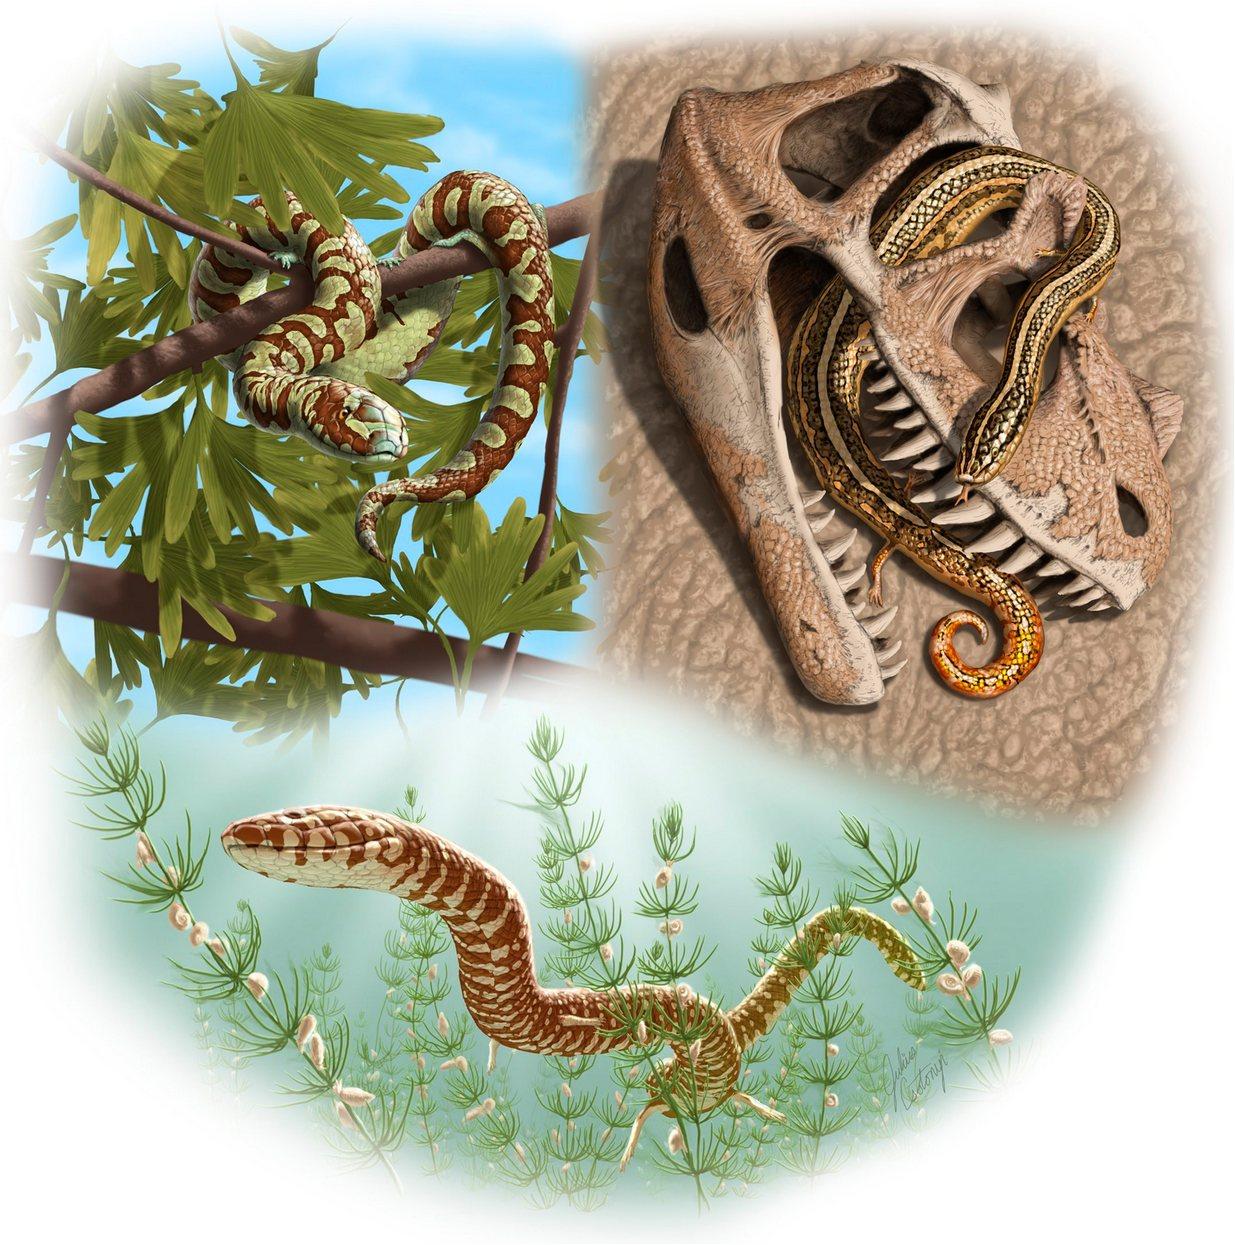 Drie van de vier ontdekte slangen. Boven: Portugalophis lignites en Diablophis gilmorei. Onder: Parviraptor estesi. Afbeelding: Julius Csotonyi.